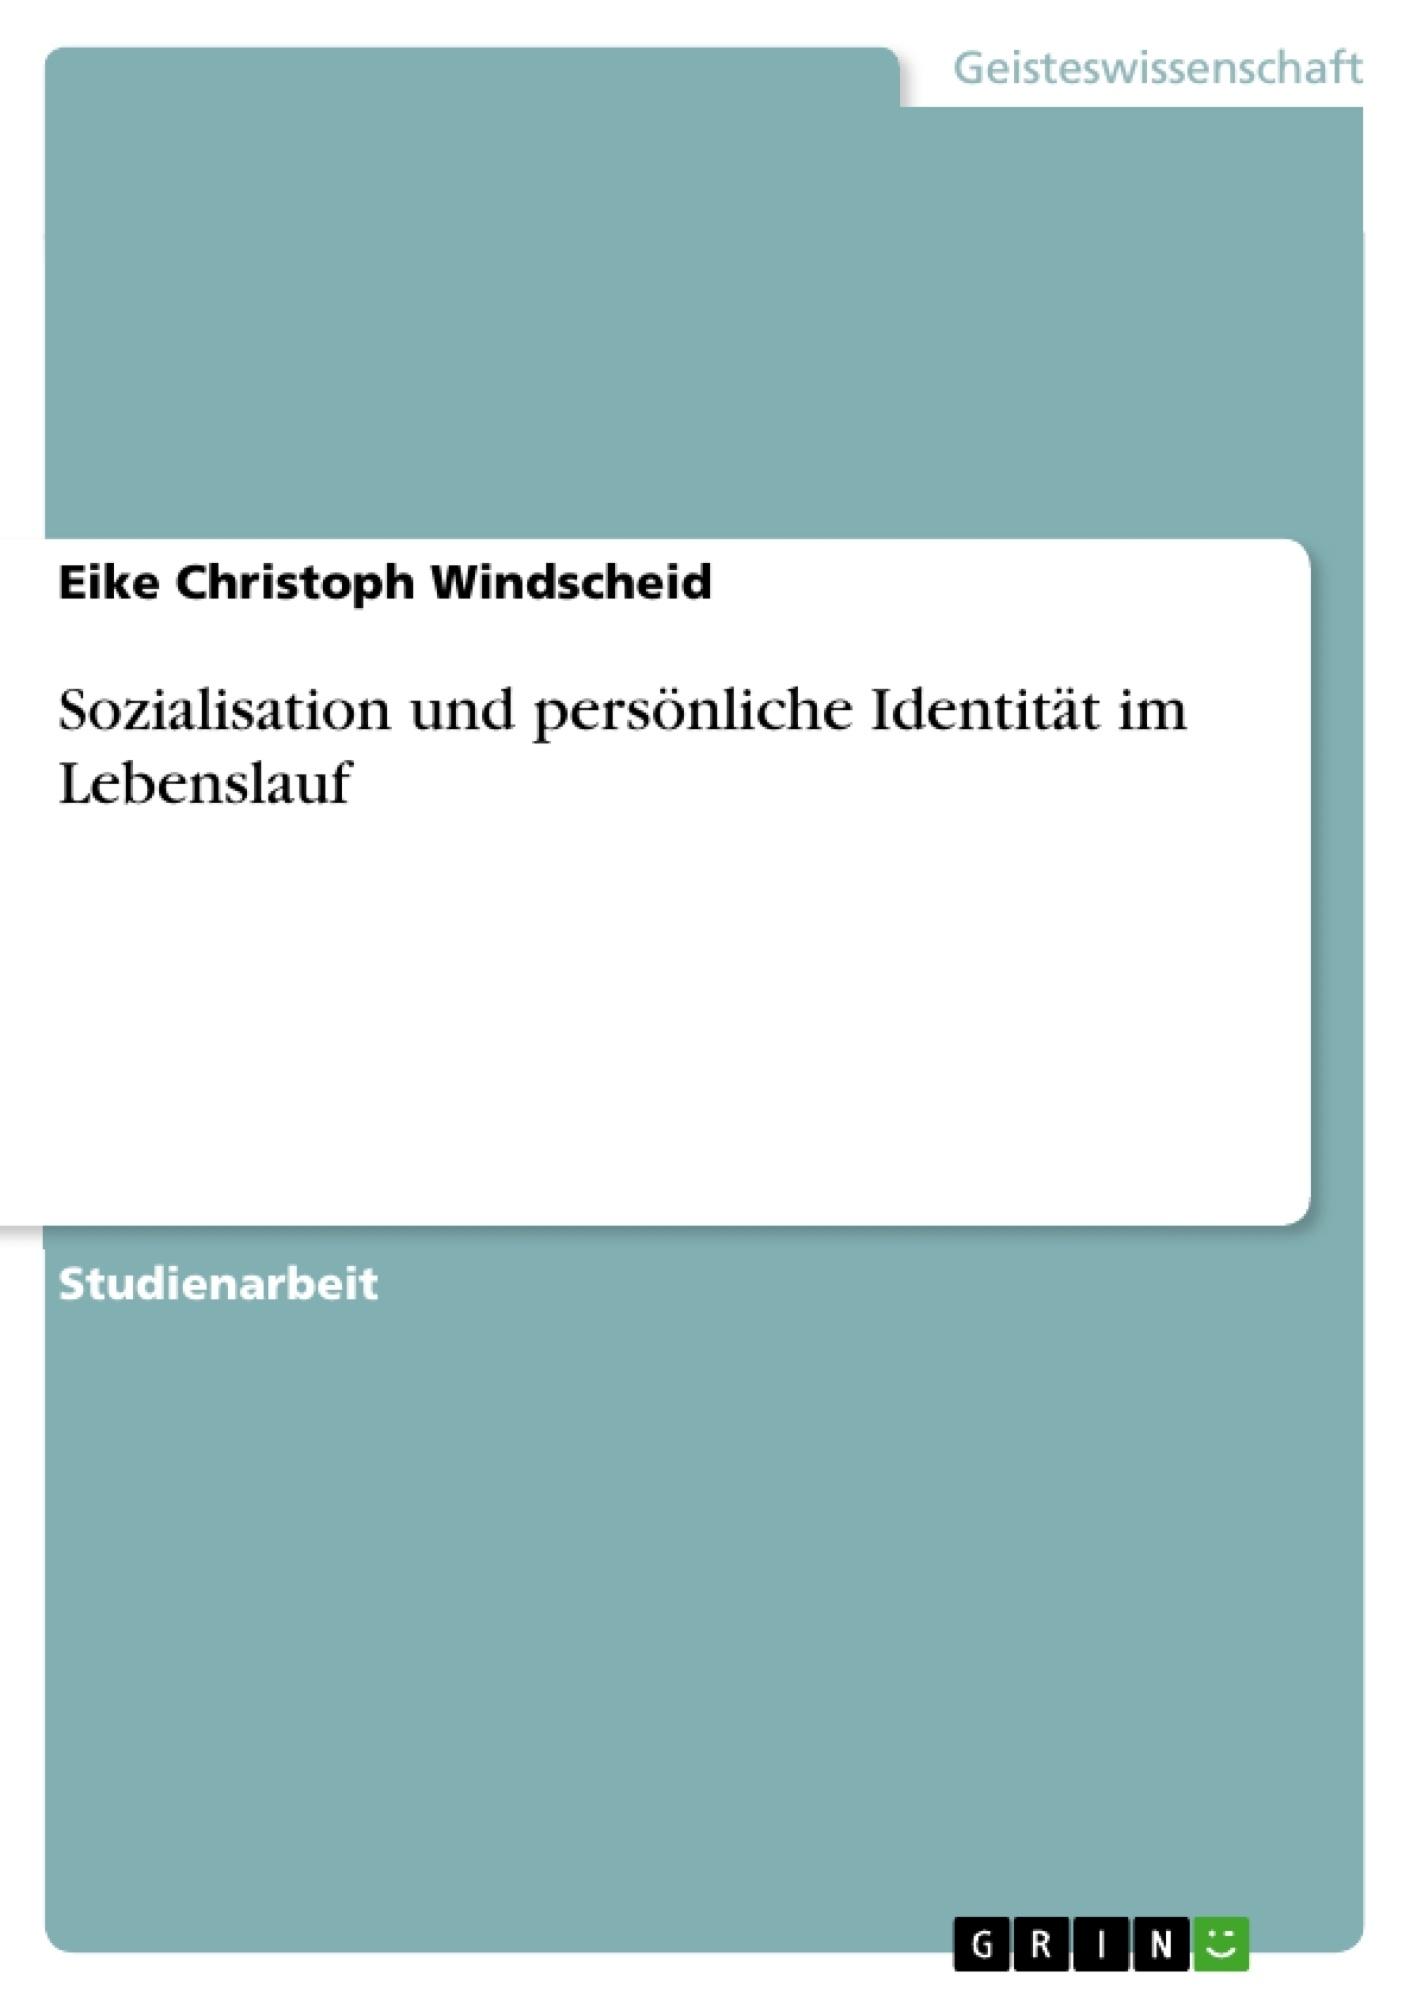 Sozialisation und persönliche Identität im Lebenslauf | Masterarbeit ...